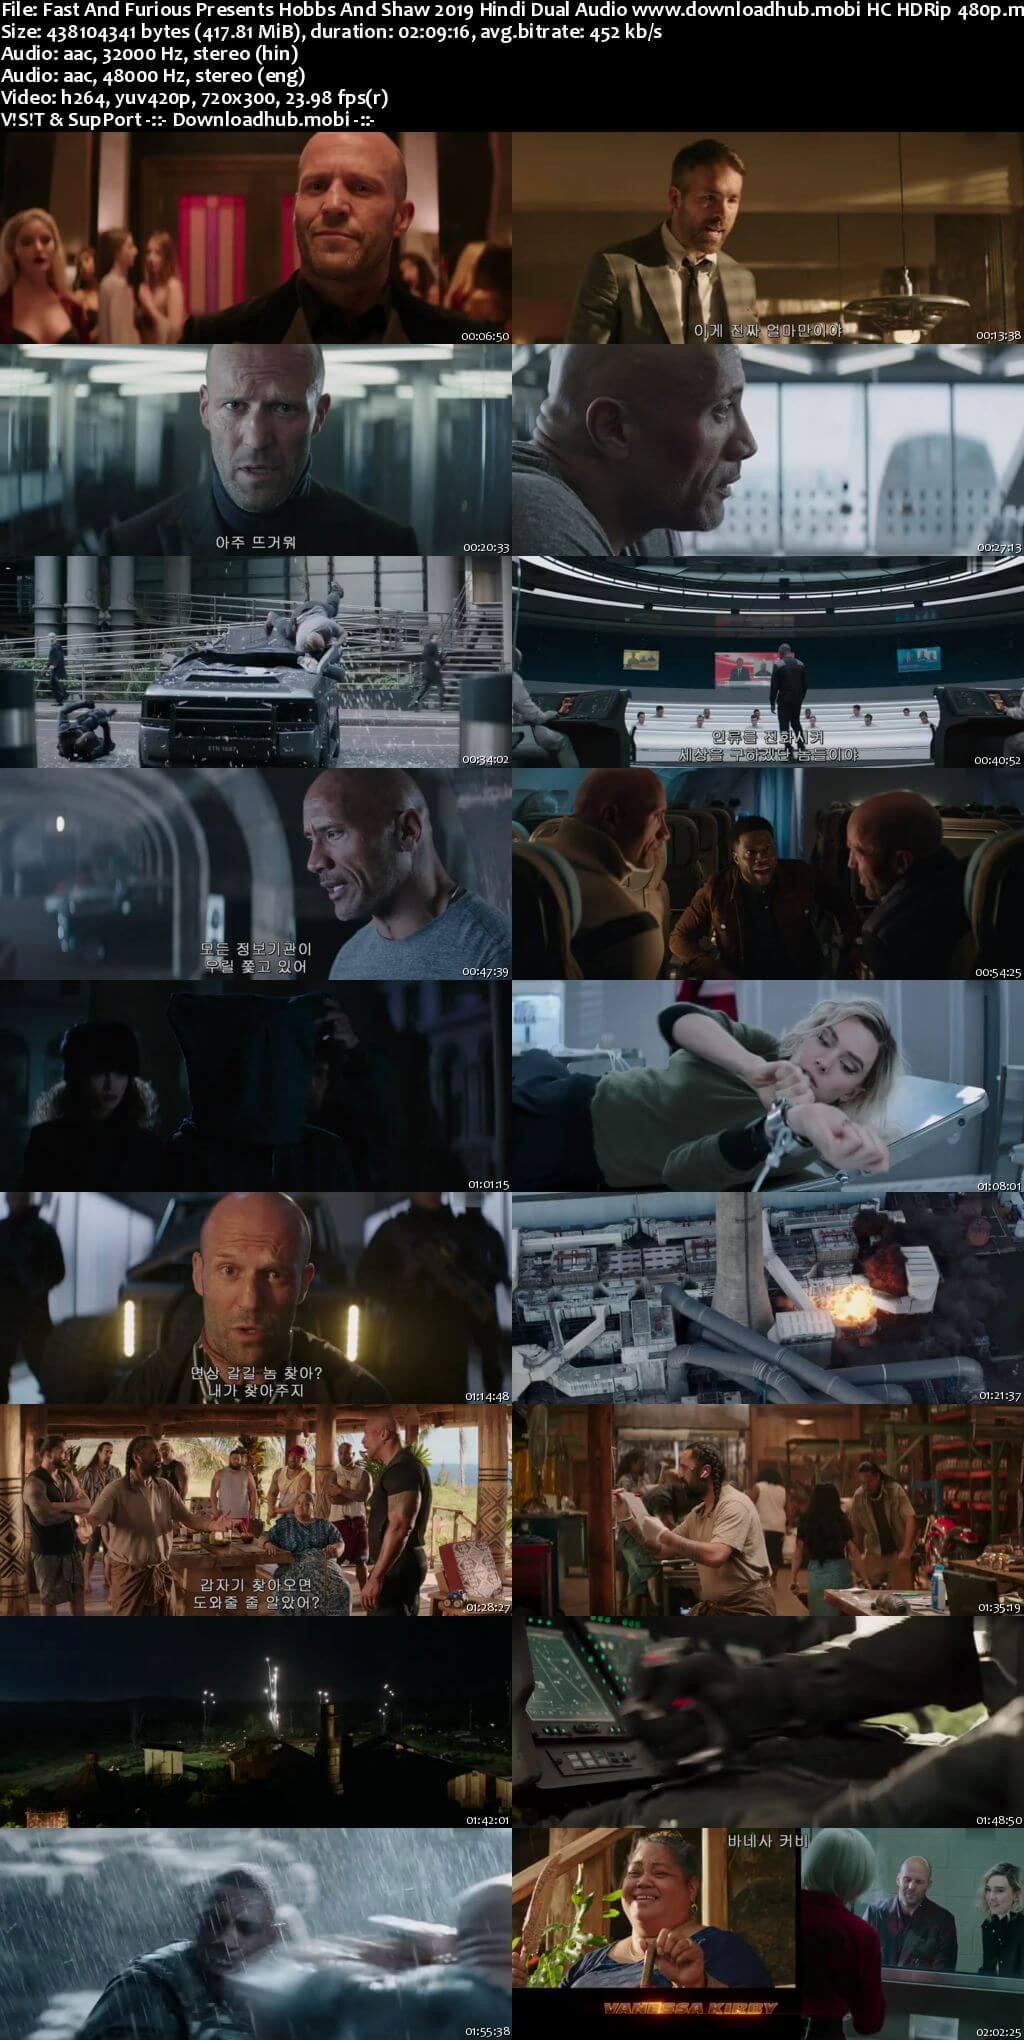 Fast And Furious Presents Hobbs And Shaw 2019 Hindi Dual Audio 400MB HC HDRip 480p